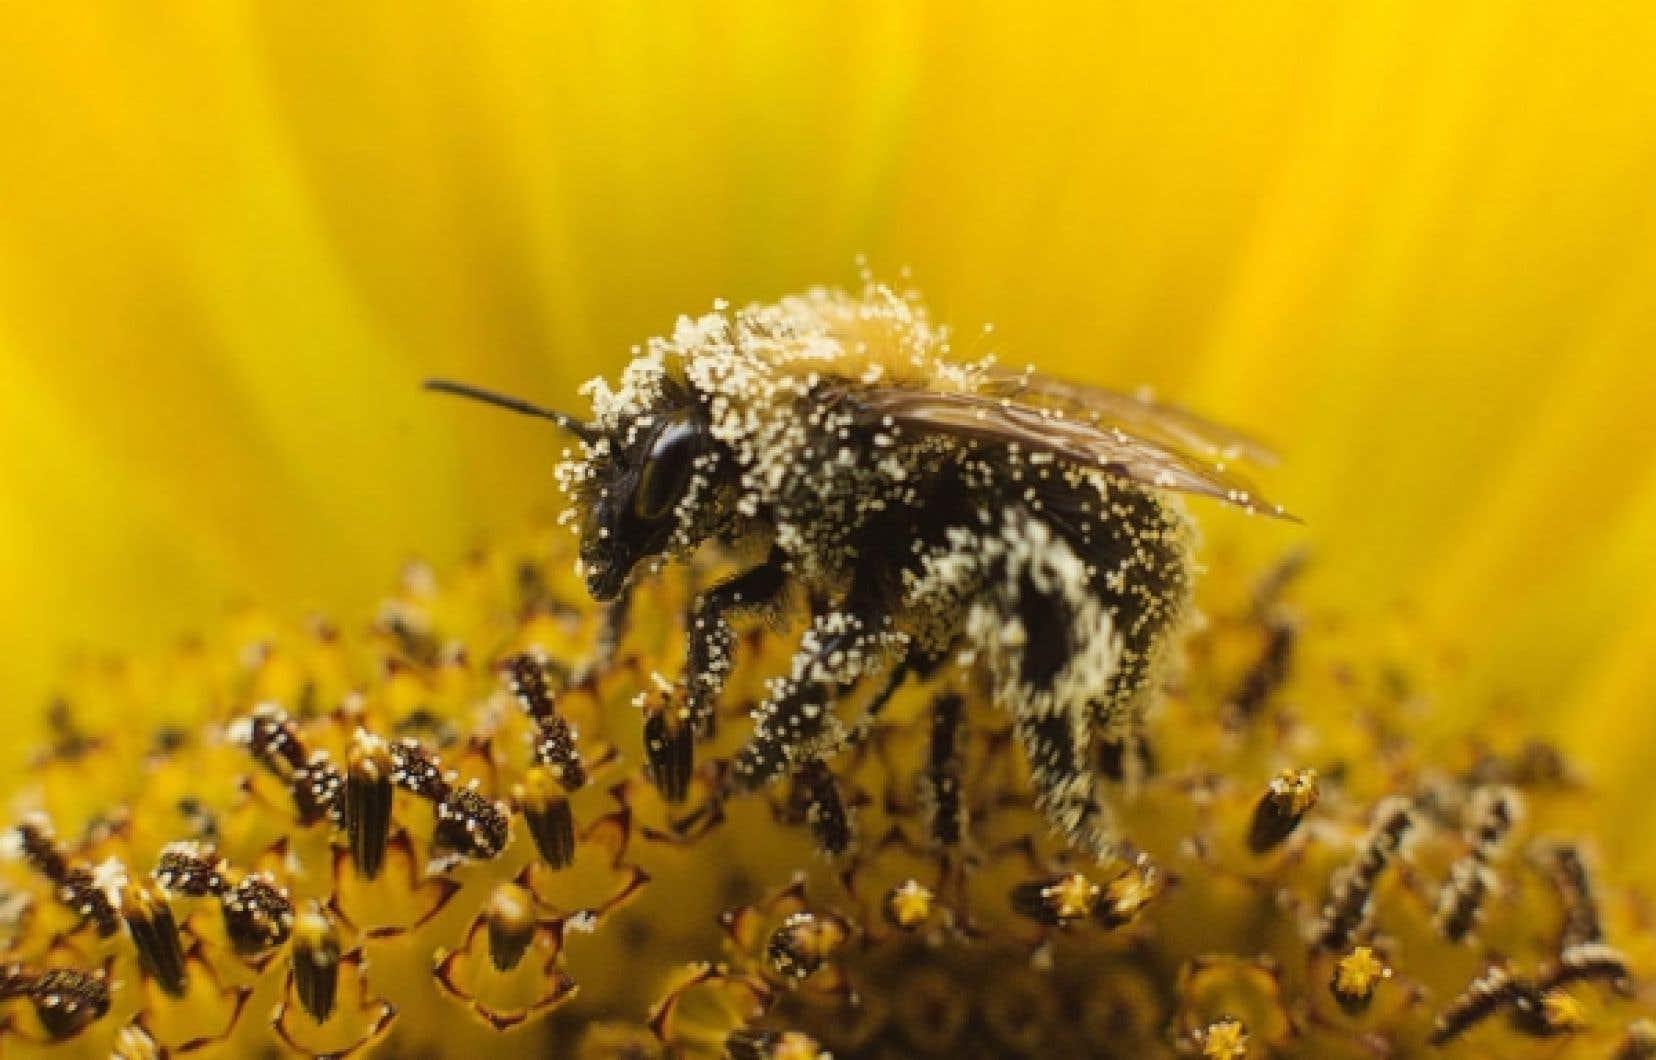 Le taux de mortalit&eacute; des polulations d&rsquo;abeilles oscille aujourd&rsquo;hui entre 25 et 30 %. <br />